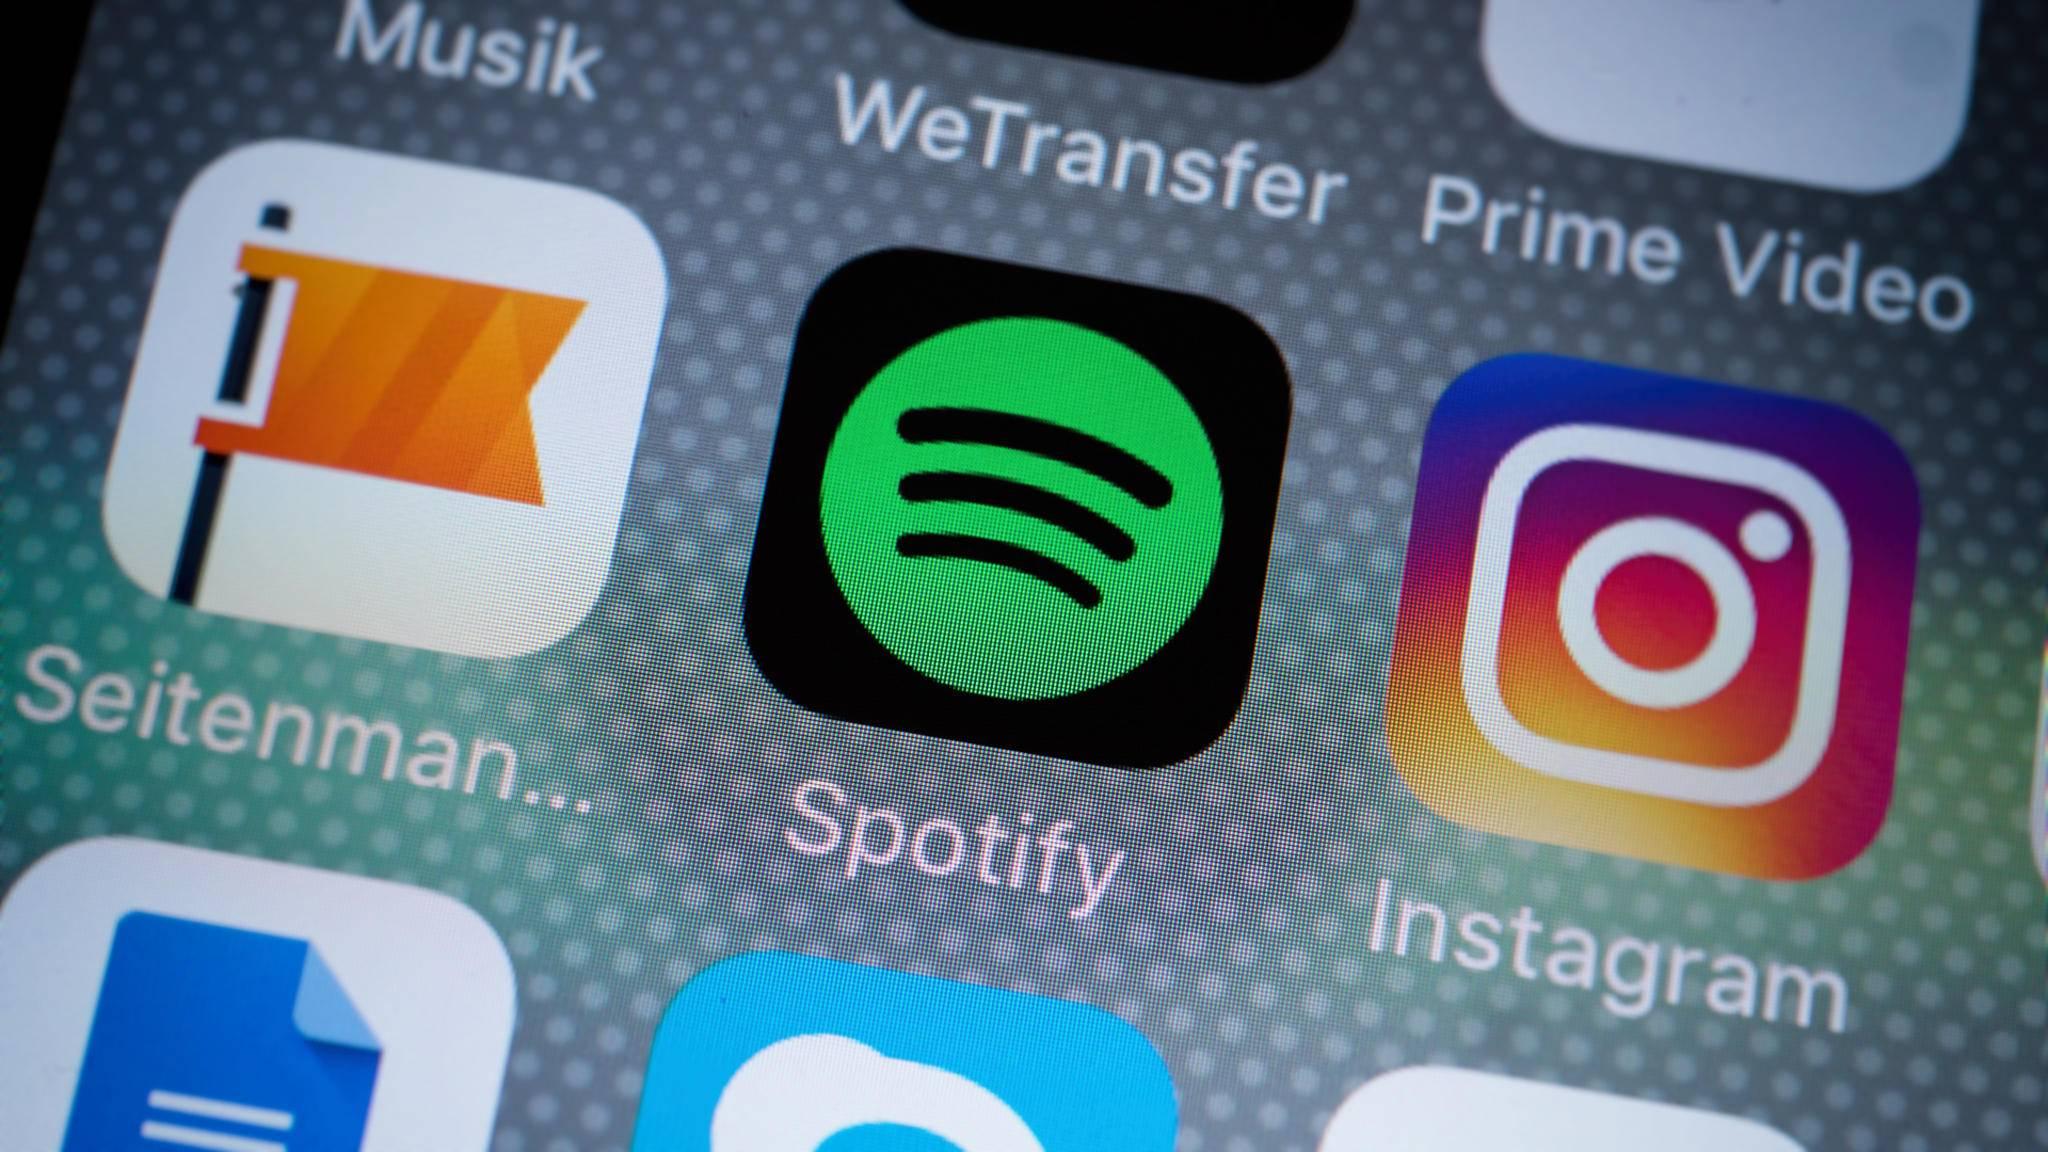 Offenbar möchte auch Spotify einen Smart Speaker auf den Markt bringen.